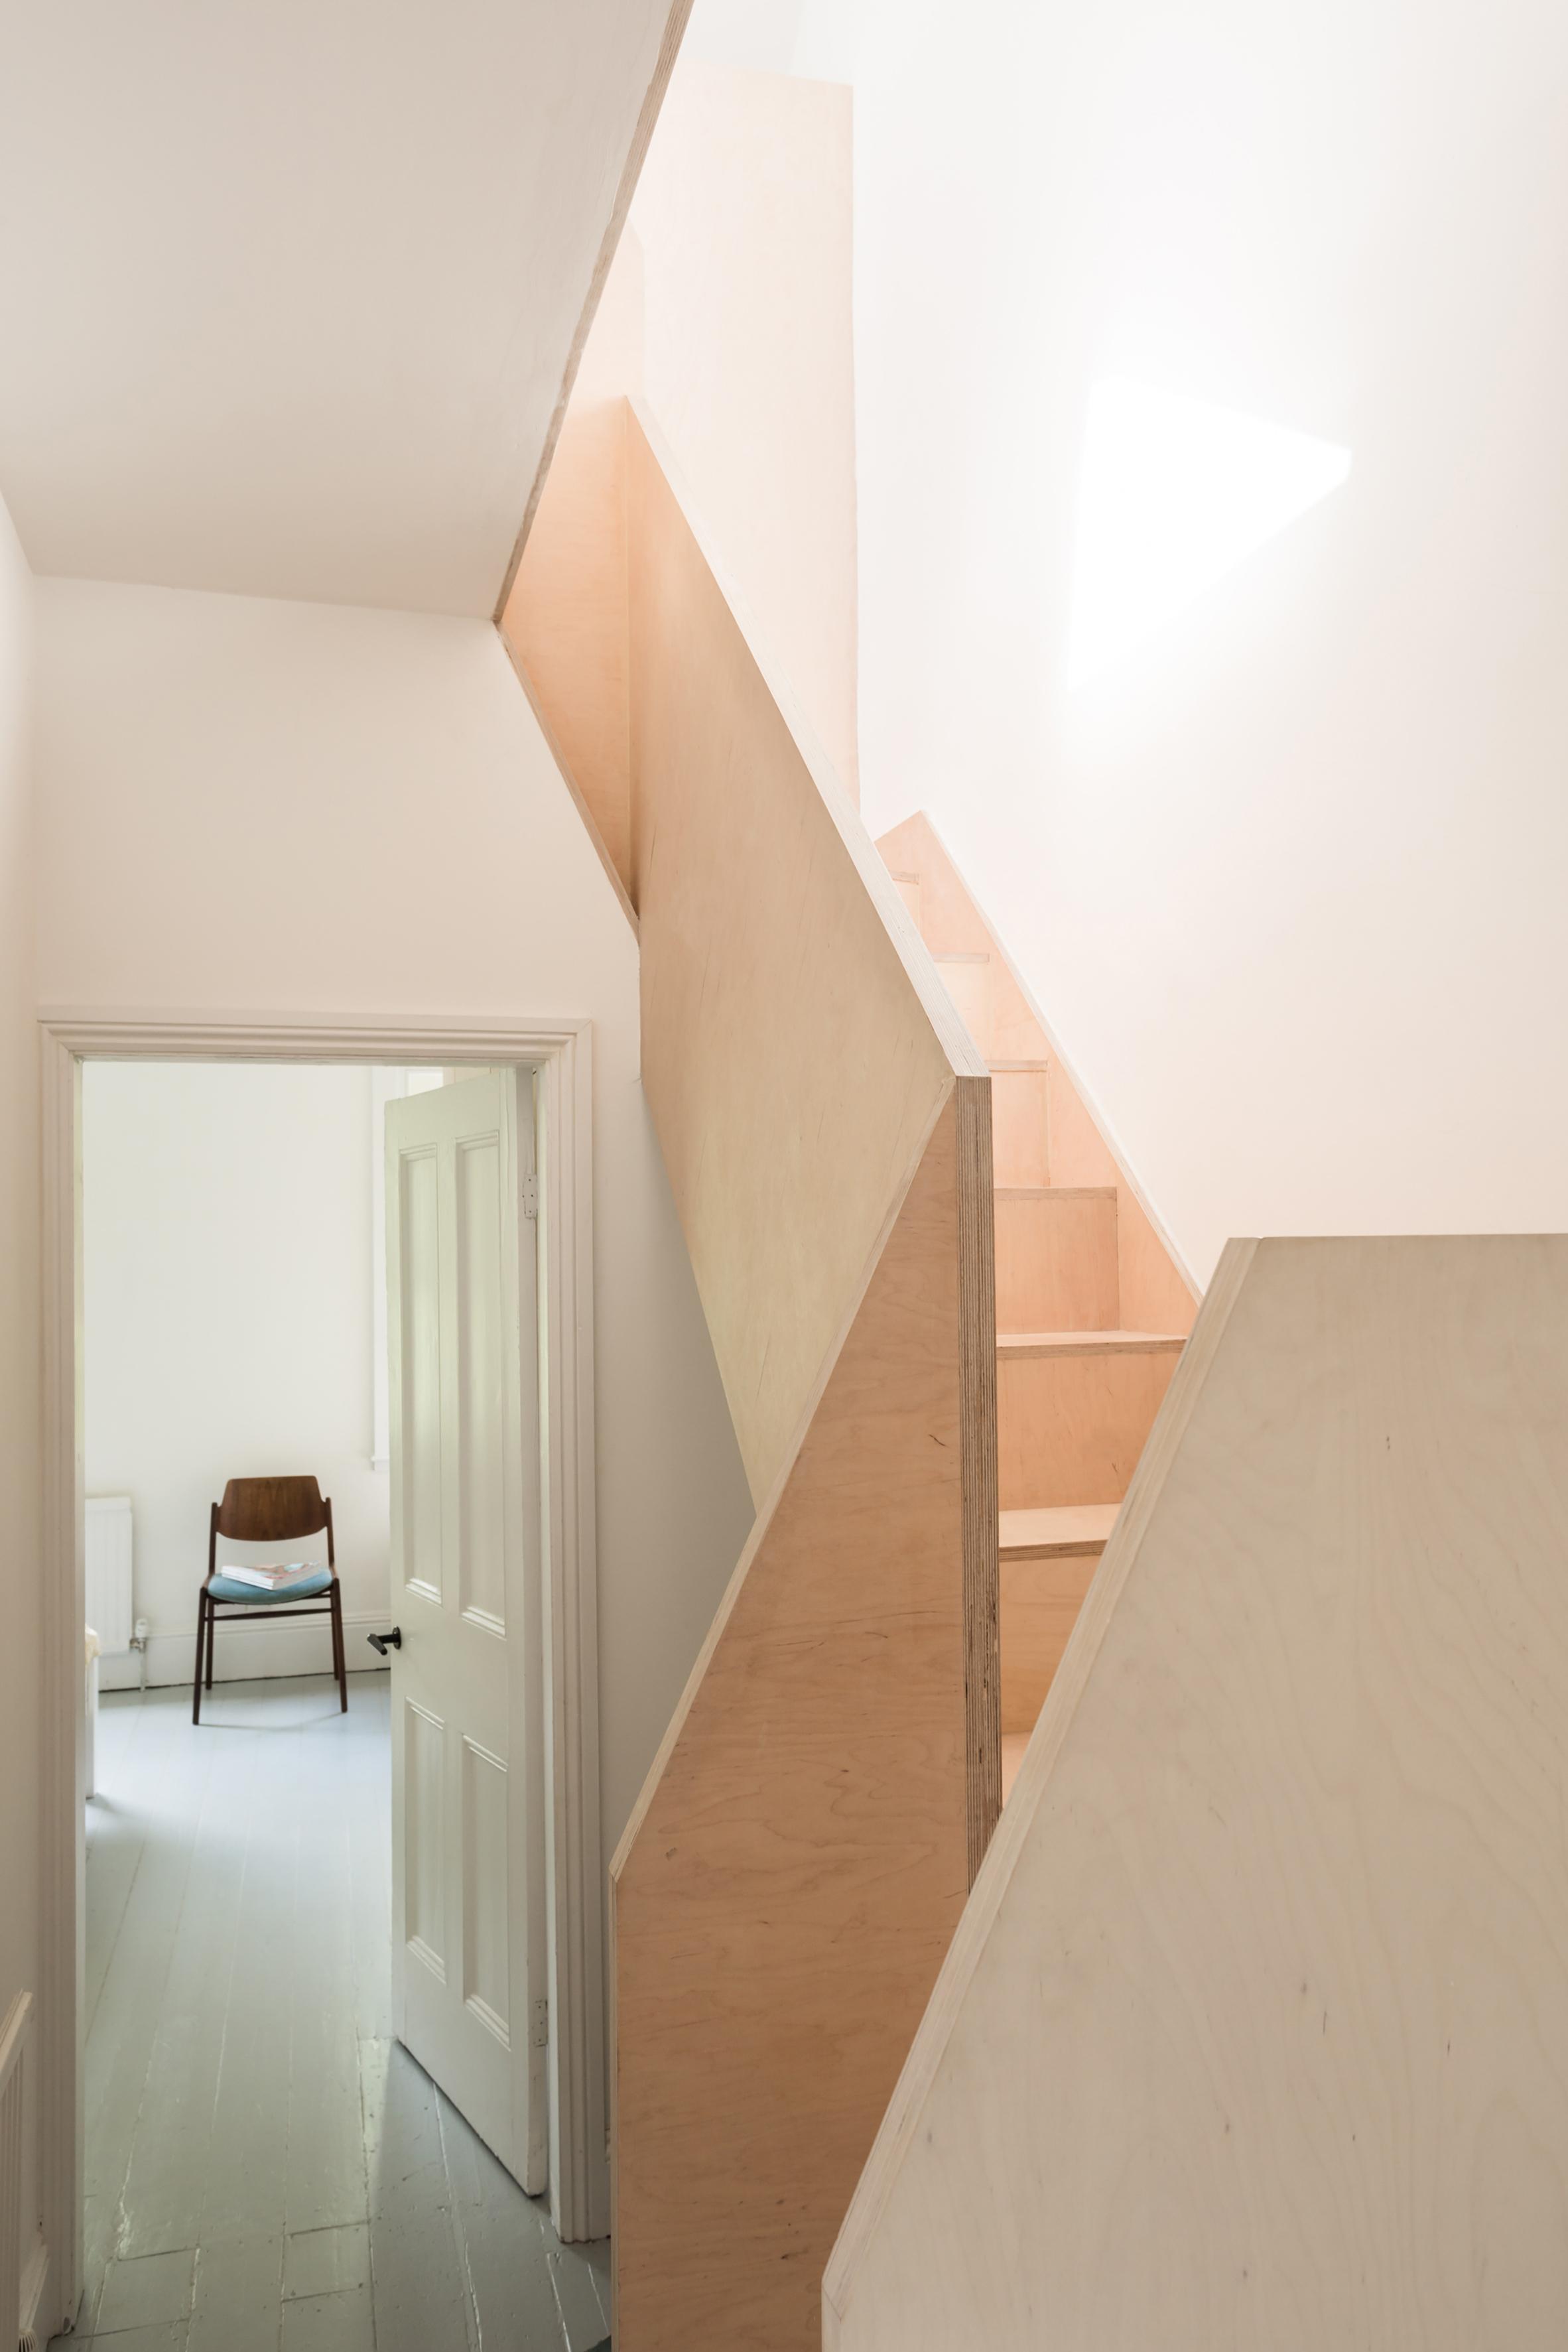 York Vault House by Studio Ben Allen